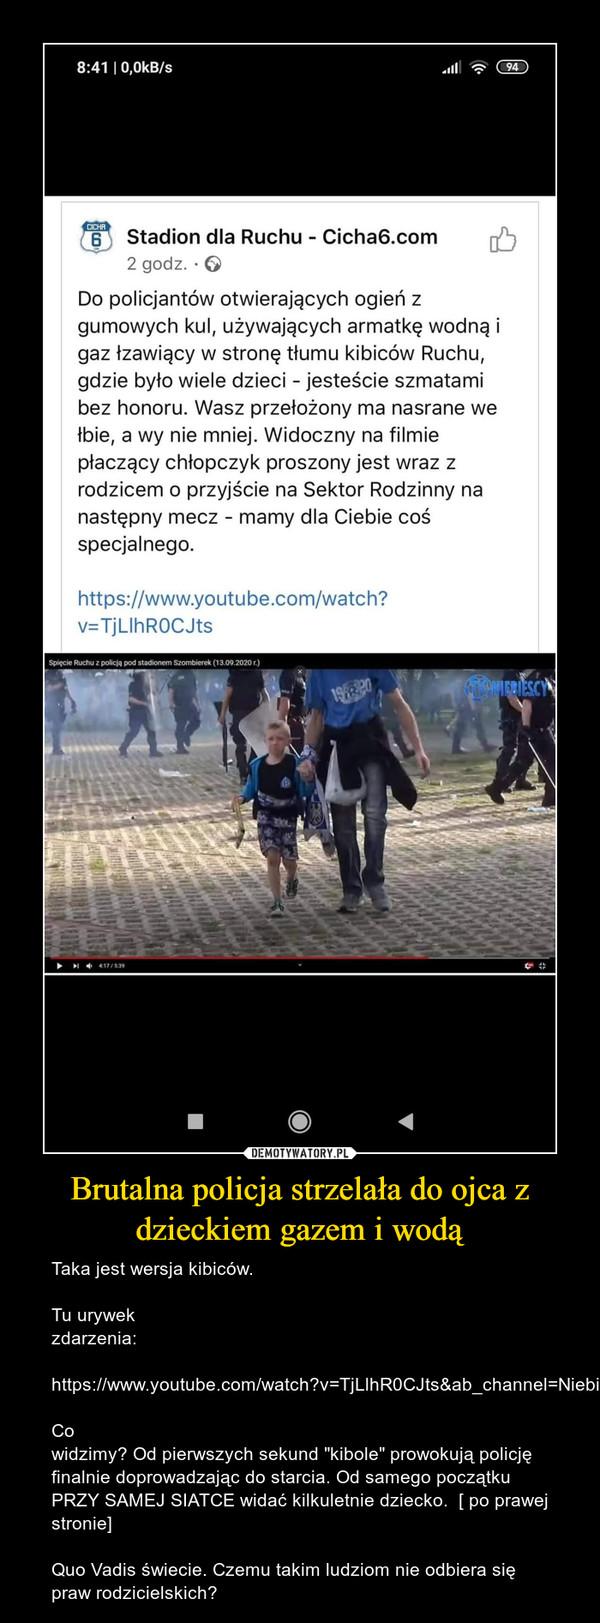 """Brutalna policja strzelała do ojca z dzieckiem gazem i wodą – Taka jest wersja kibiców. Tu urywek zdarzenia:https://www.youtube.com/watch?v=TjLlhR0CJts&ab_channel=NiebiescyplCo widzimy? Od pierwszych sekund """"kibole"""" prowokują policję finalnie doprowadzając do starcia. Od samego początku PRZY SAMEJ SIATCE widać kilkuletnie dziecko.  [ po prawej stronie] Quo Vadis świecie. Czemu takim ludziom nie odbiera się praw rodzicielskich?"""